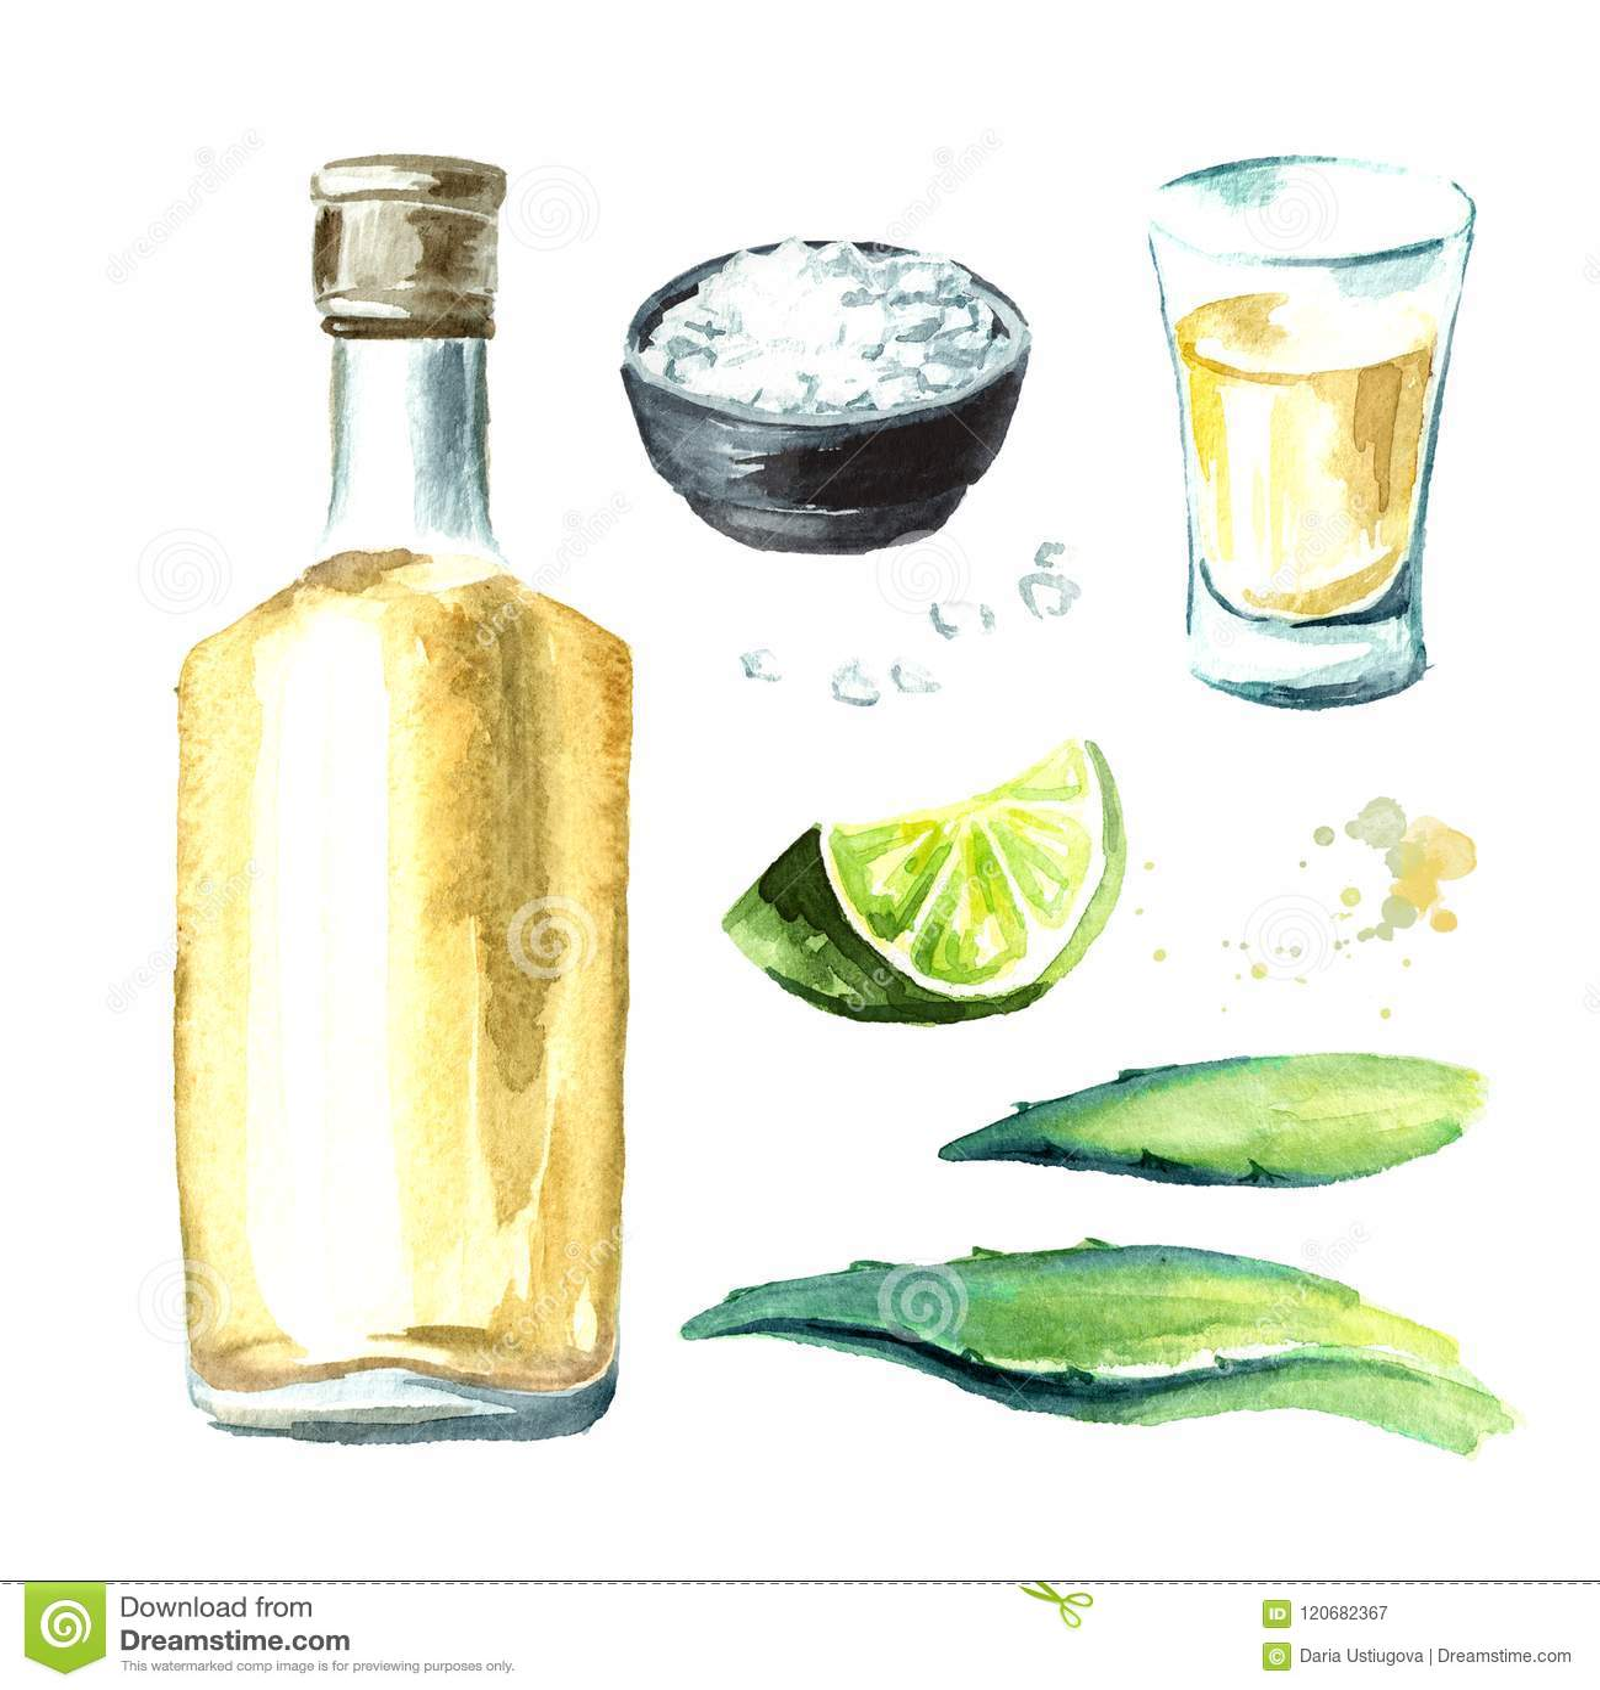 Alkoholgetränk Tequilasatz, gelbe Flasche mexikanische Kaktusschnäpse, volles Schnapsglas mit Scheibe des Kalkes und Salz, Agaven